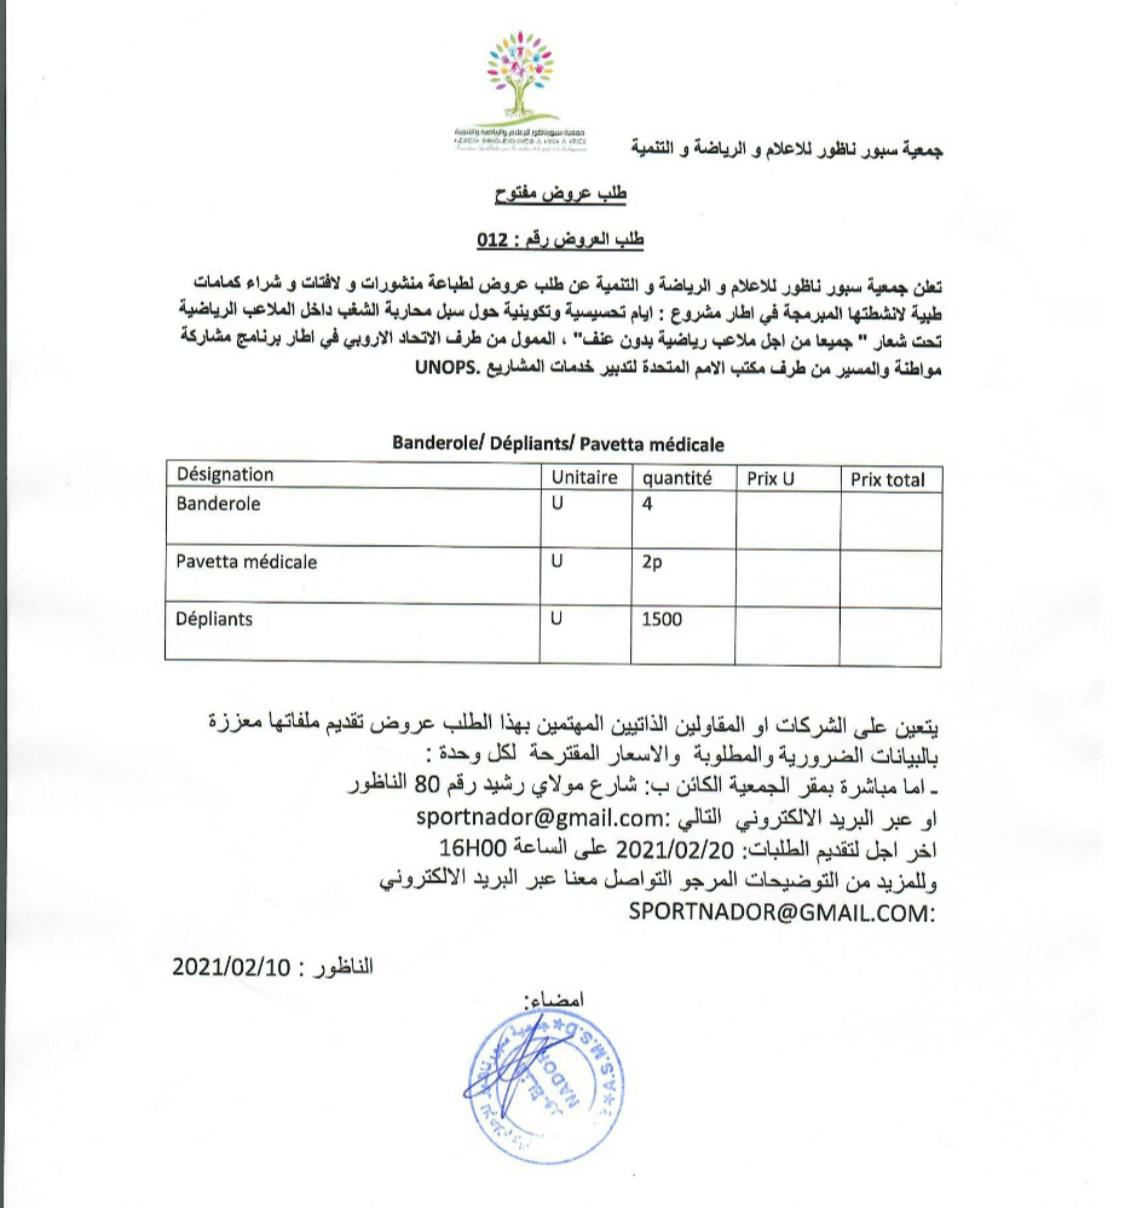 إعلان : جمعية سبور ناظور للإعلام والرياضة والتنمية ...